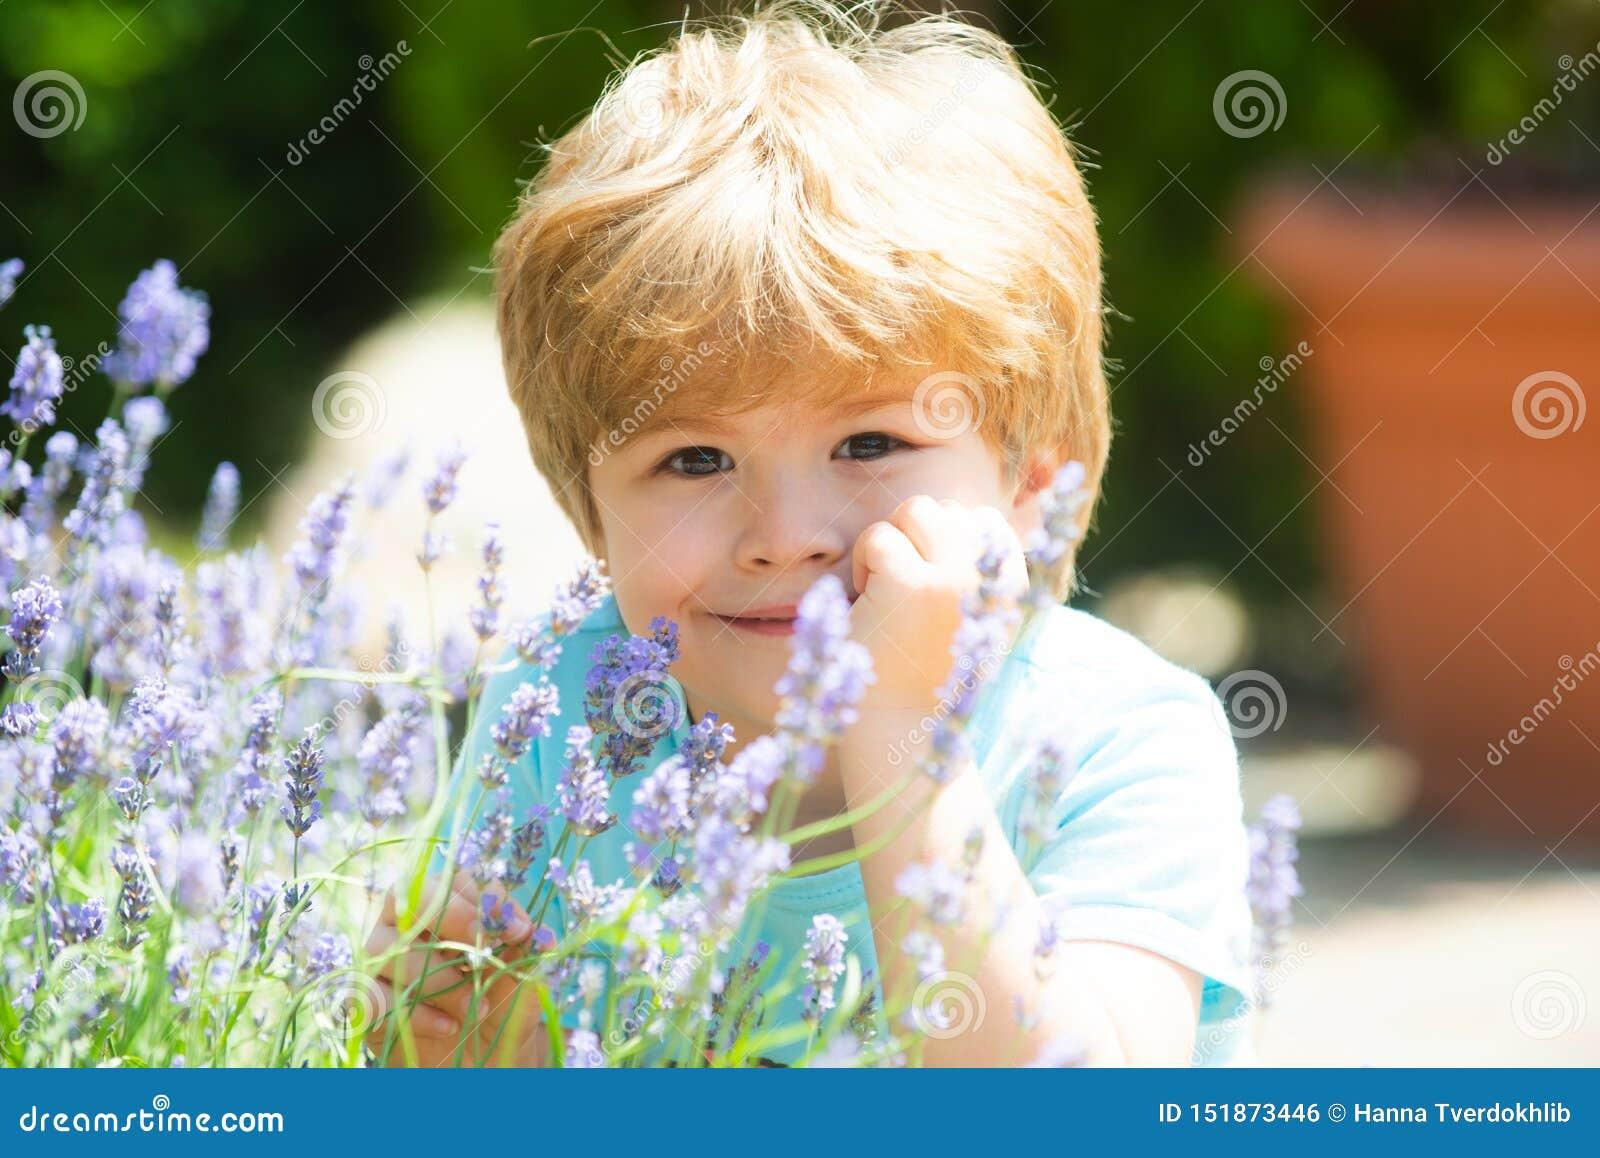 愉快的夏天男孩 孩子微笑 淡紫色领域的基于 r 新鲜的淡紫色气味 熏衣草属背景